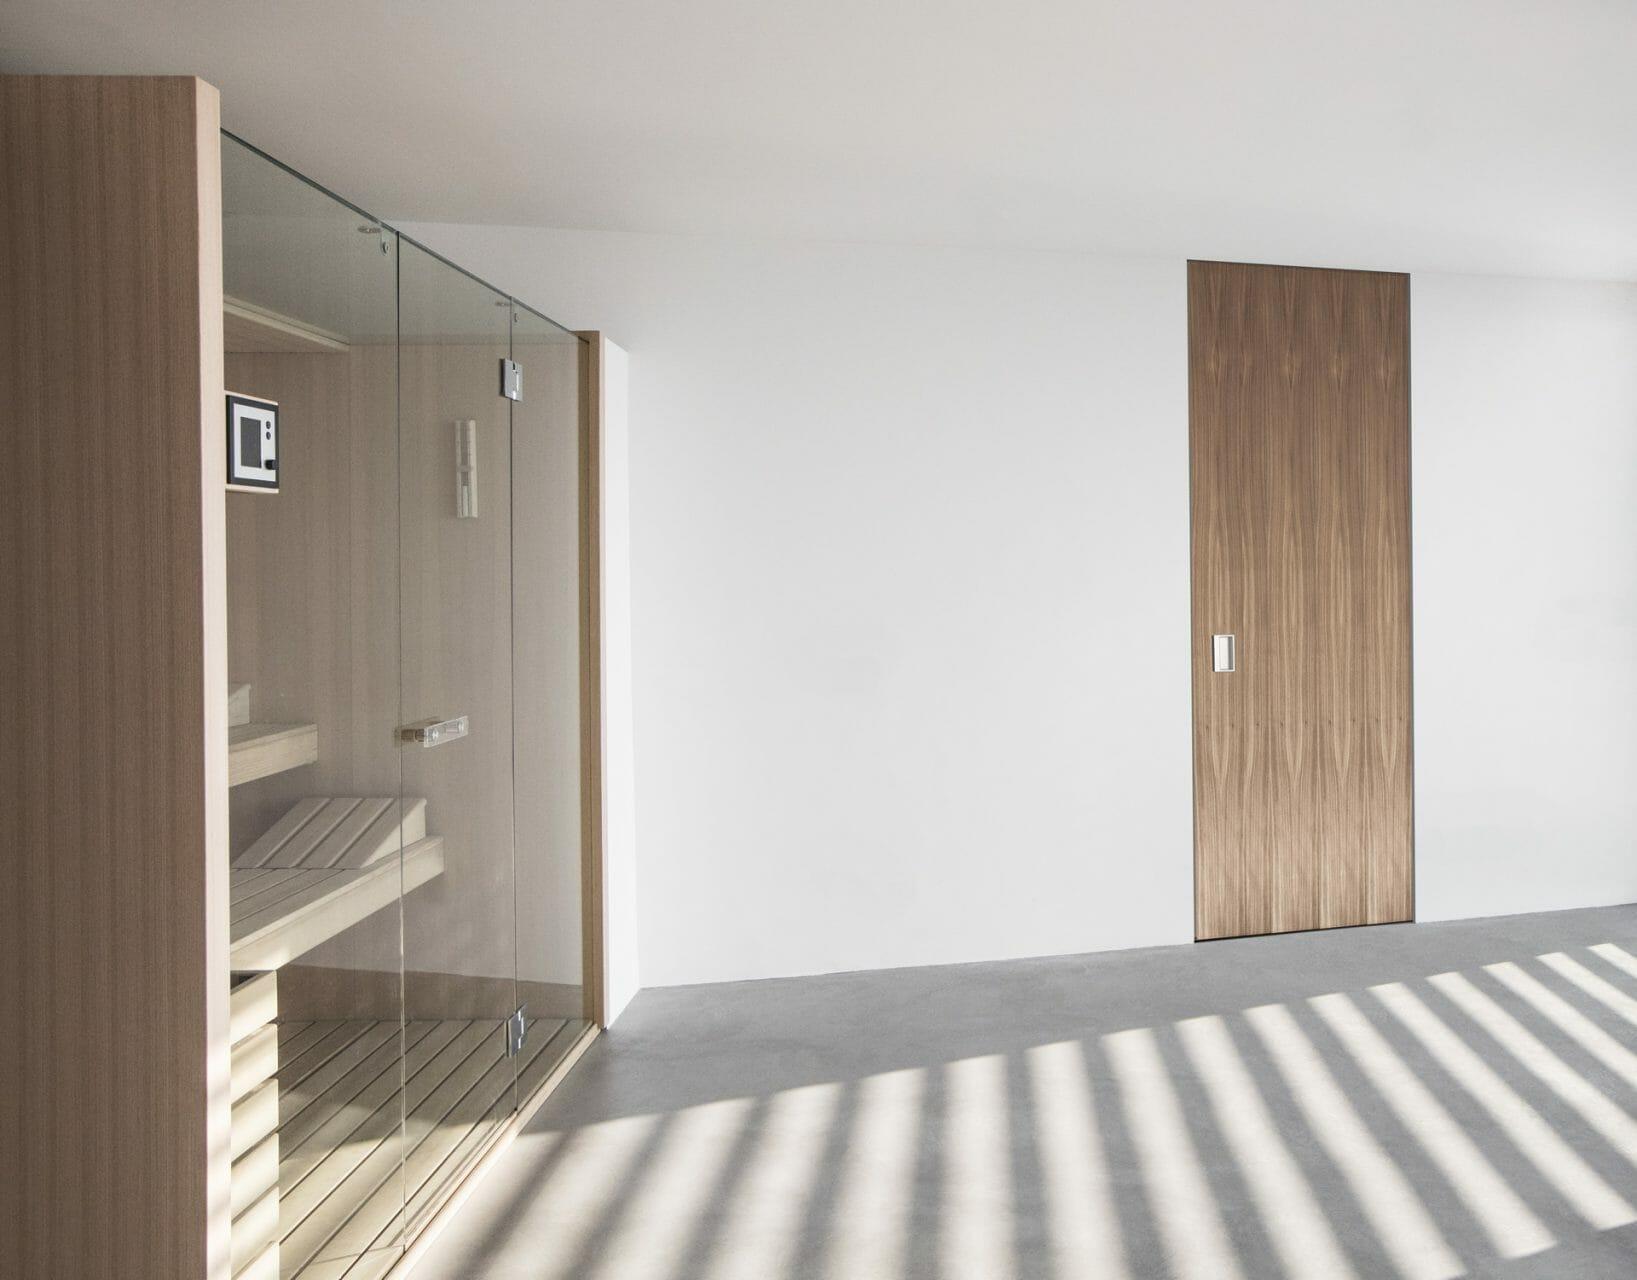 Lampadario In Legno Wood Mania : Admin ddn autore presso design diffusion pagina di